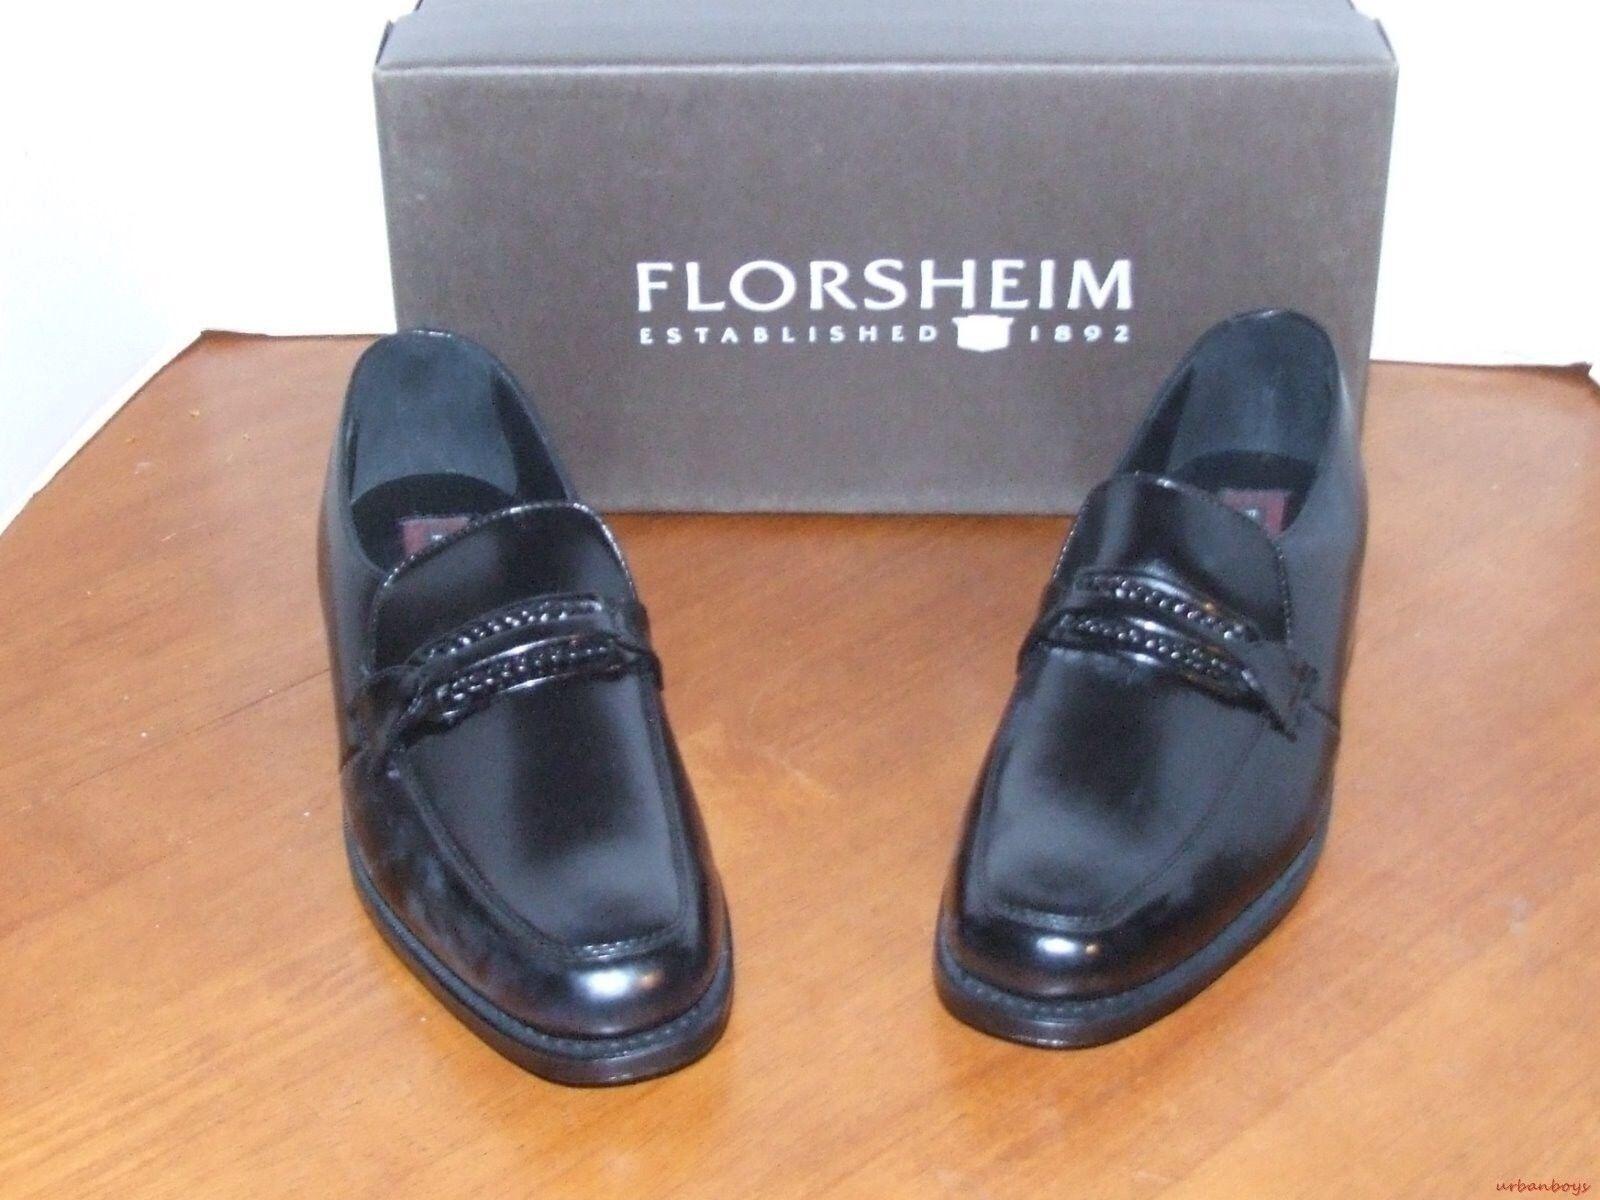 grande vendita Florshiem Richfield Richfield Richfield nero Leather Slip On Dress scarpe  merce di alta qualità e servizio conveniente e onesto